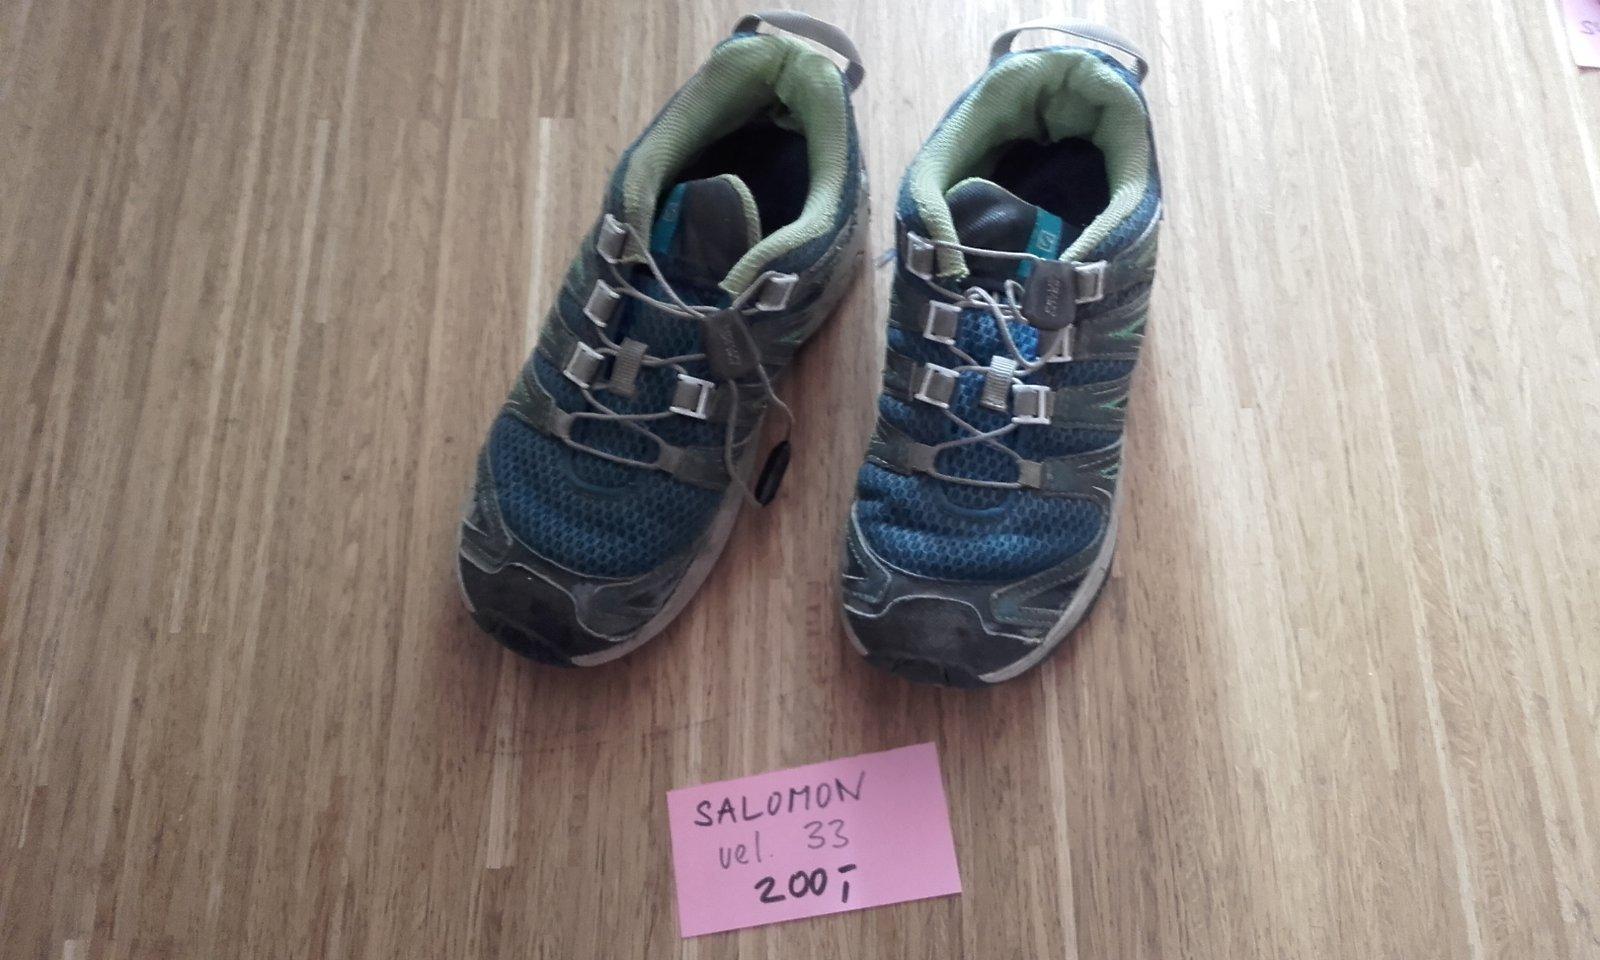 Salomon sportovní boty c9393d0768